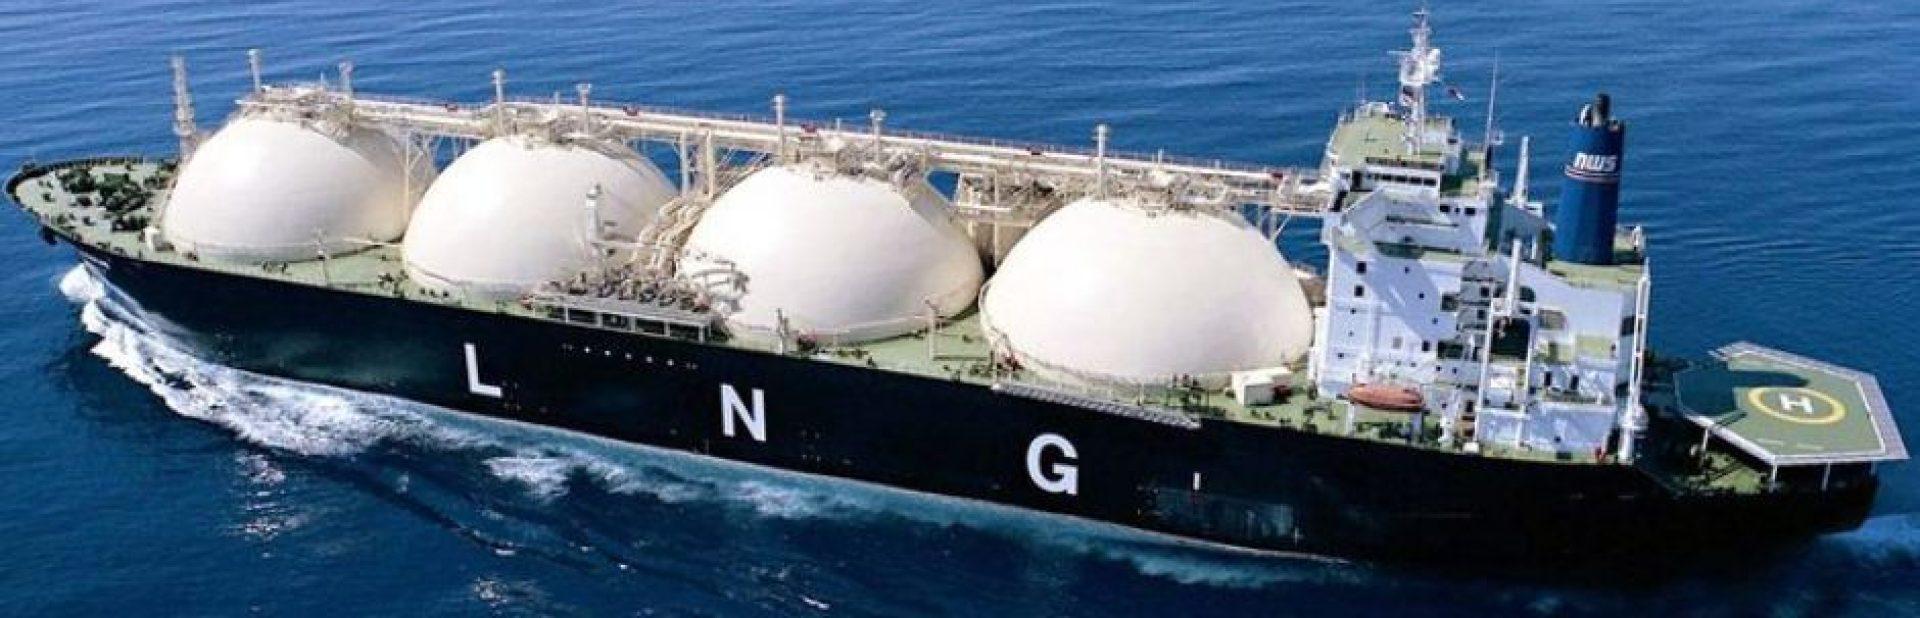 LNG spot cargo - Canada LNG spot cargo